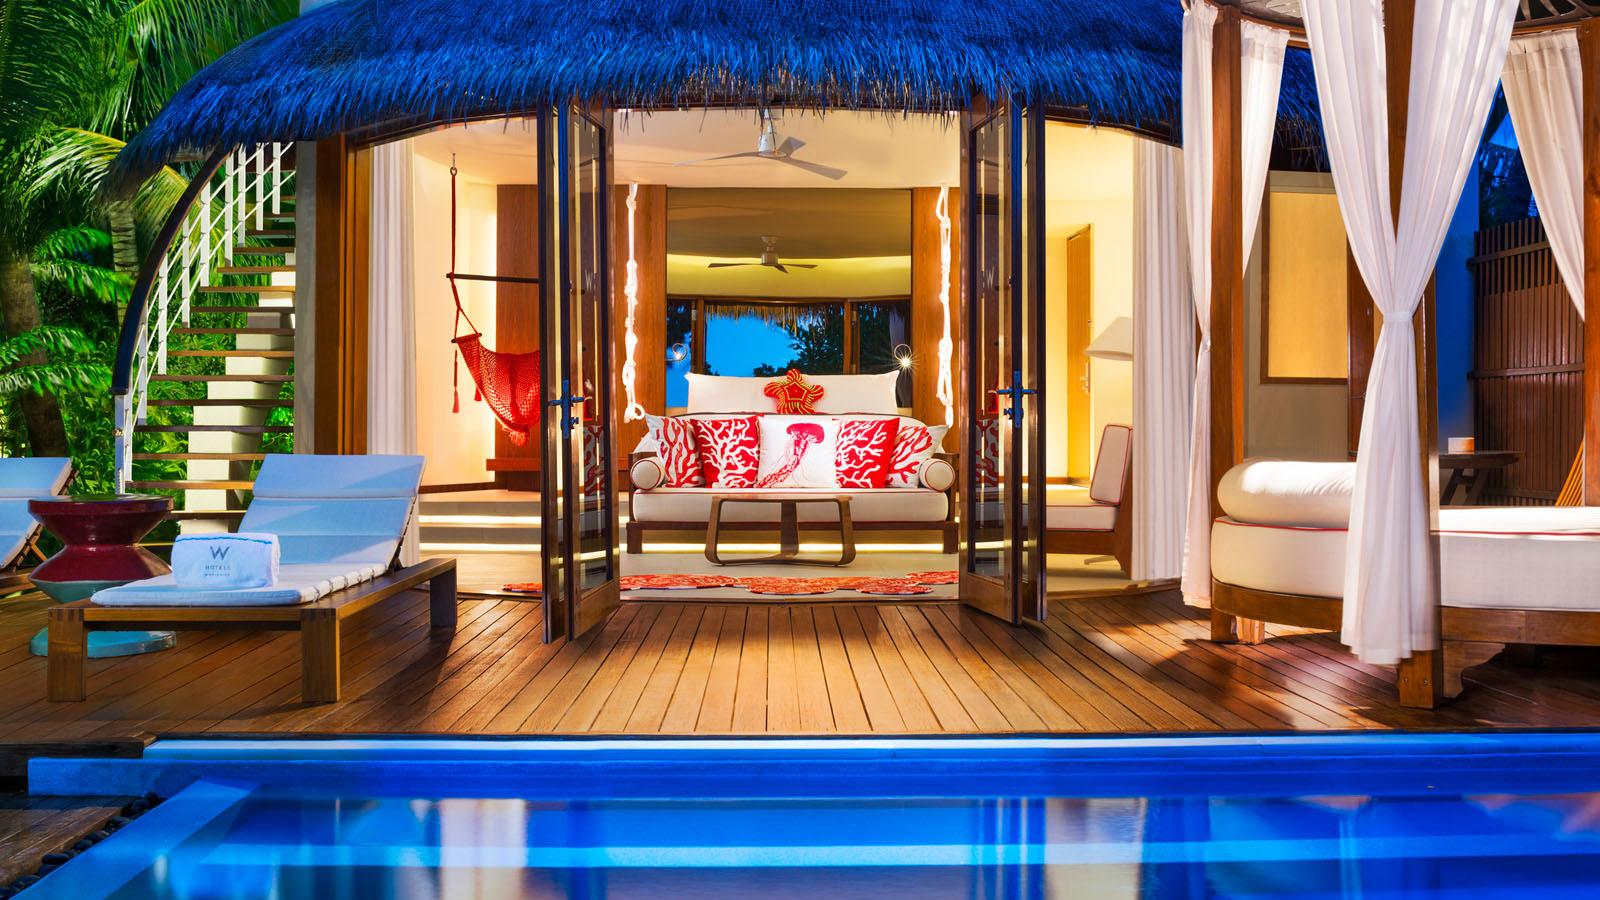 <エミレーツ航空で行く2ヶ国周遊>★モルディブに4泊はWモルディブ(Wonderful BeachOasis)利用★ドバイは重厚感あるセントレジスに宿泊!嬉しいレイトチェックアウト付き 8日間